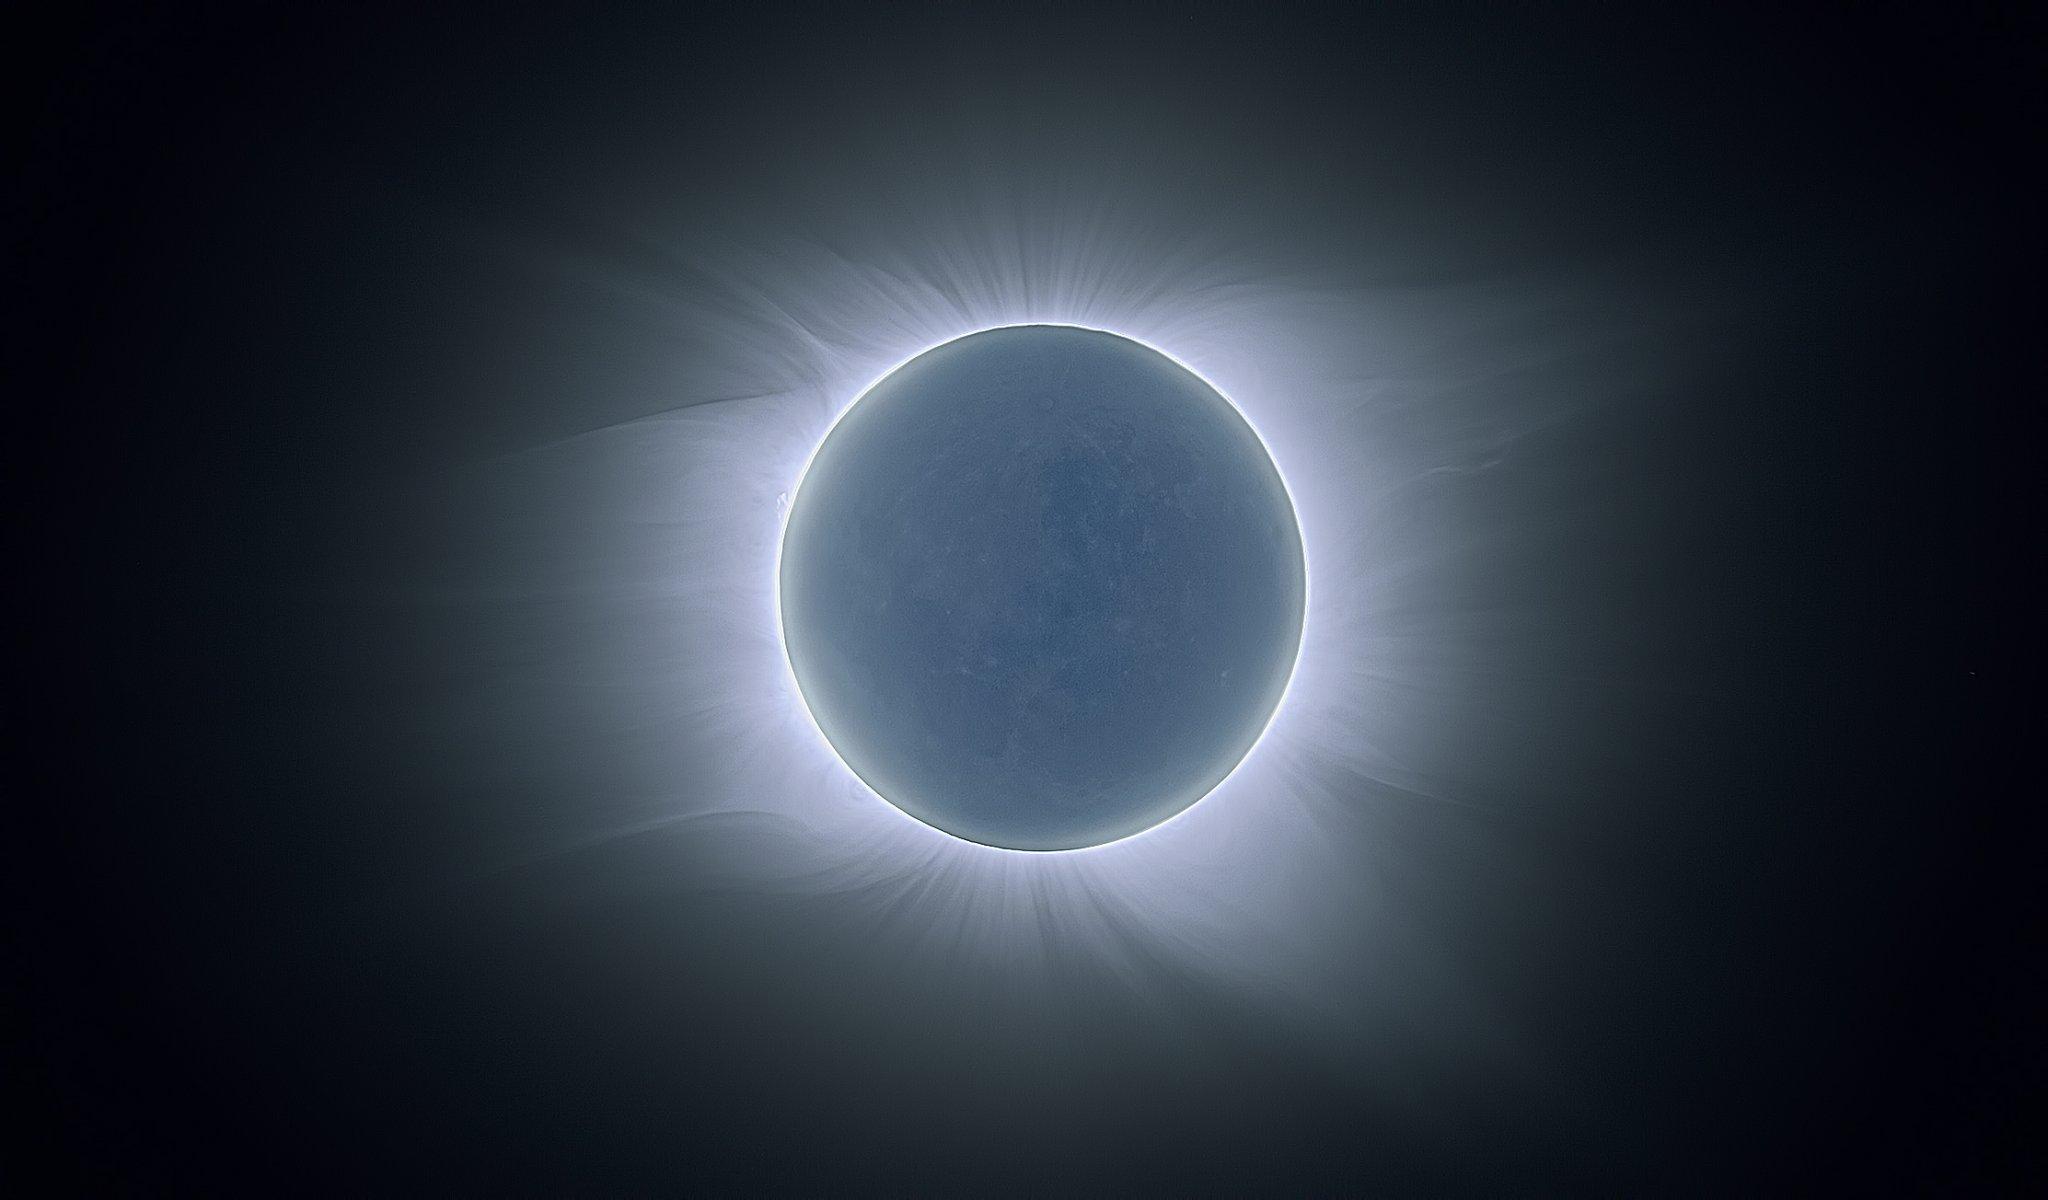 Лунное затмение: что это такое, как происходит, виды, периодичность